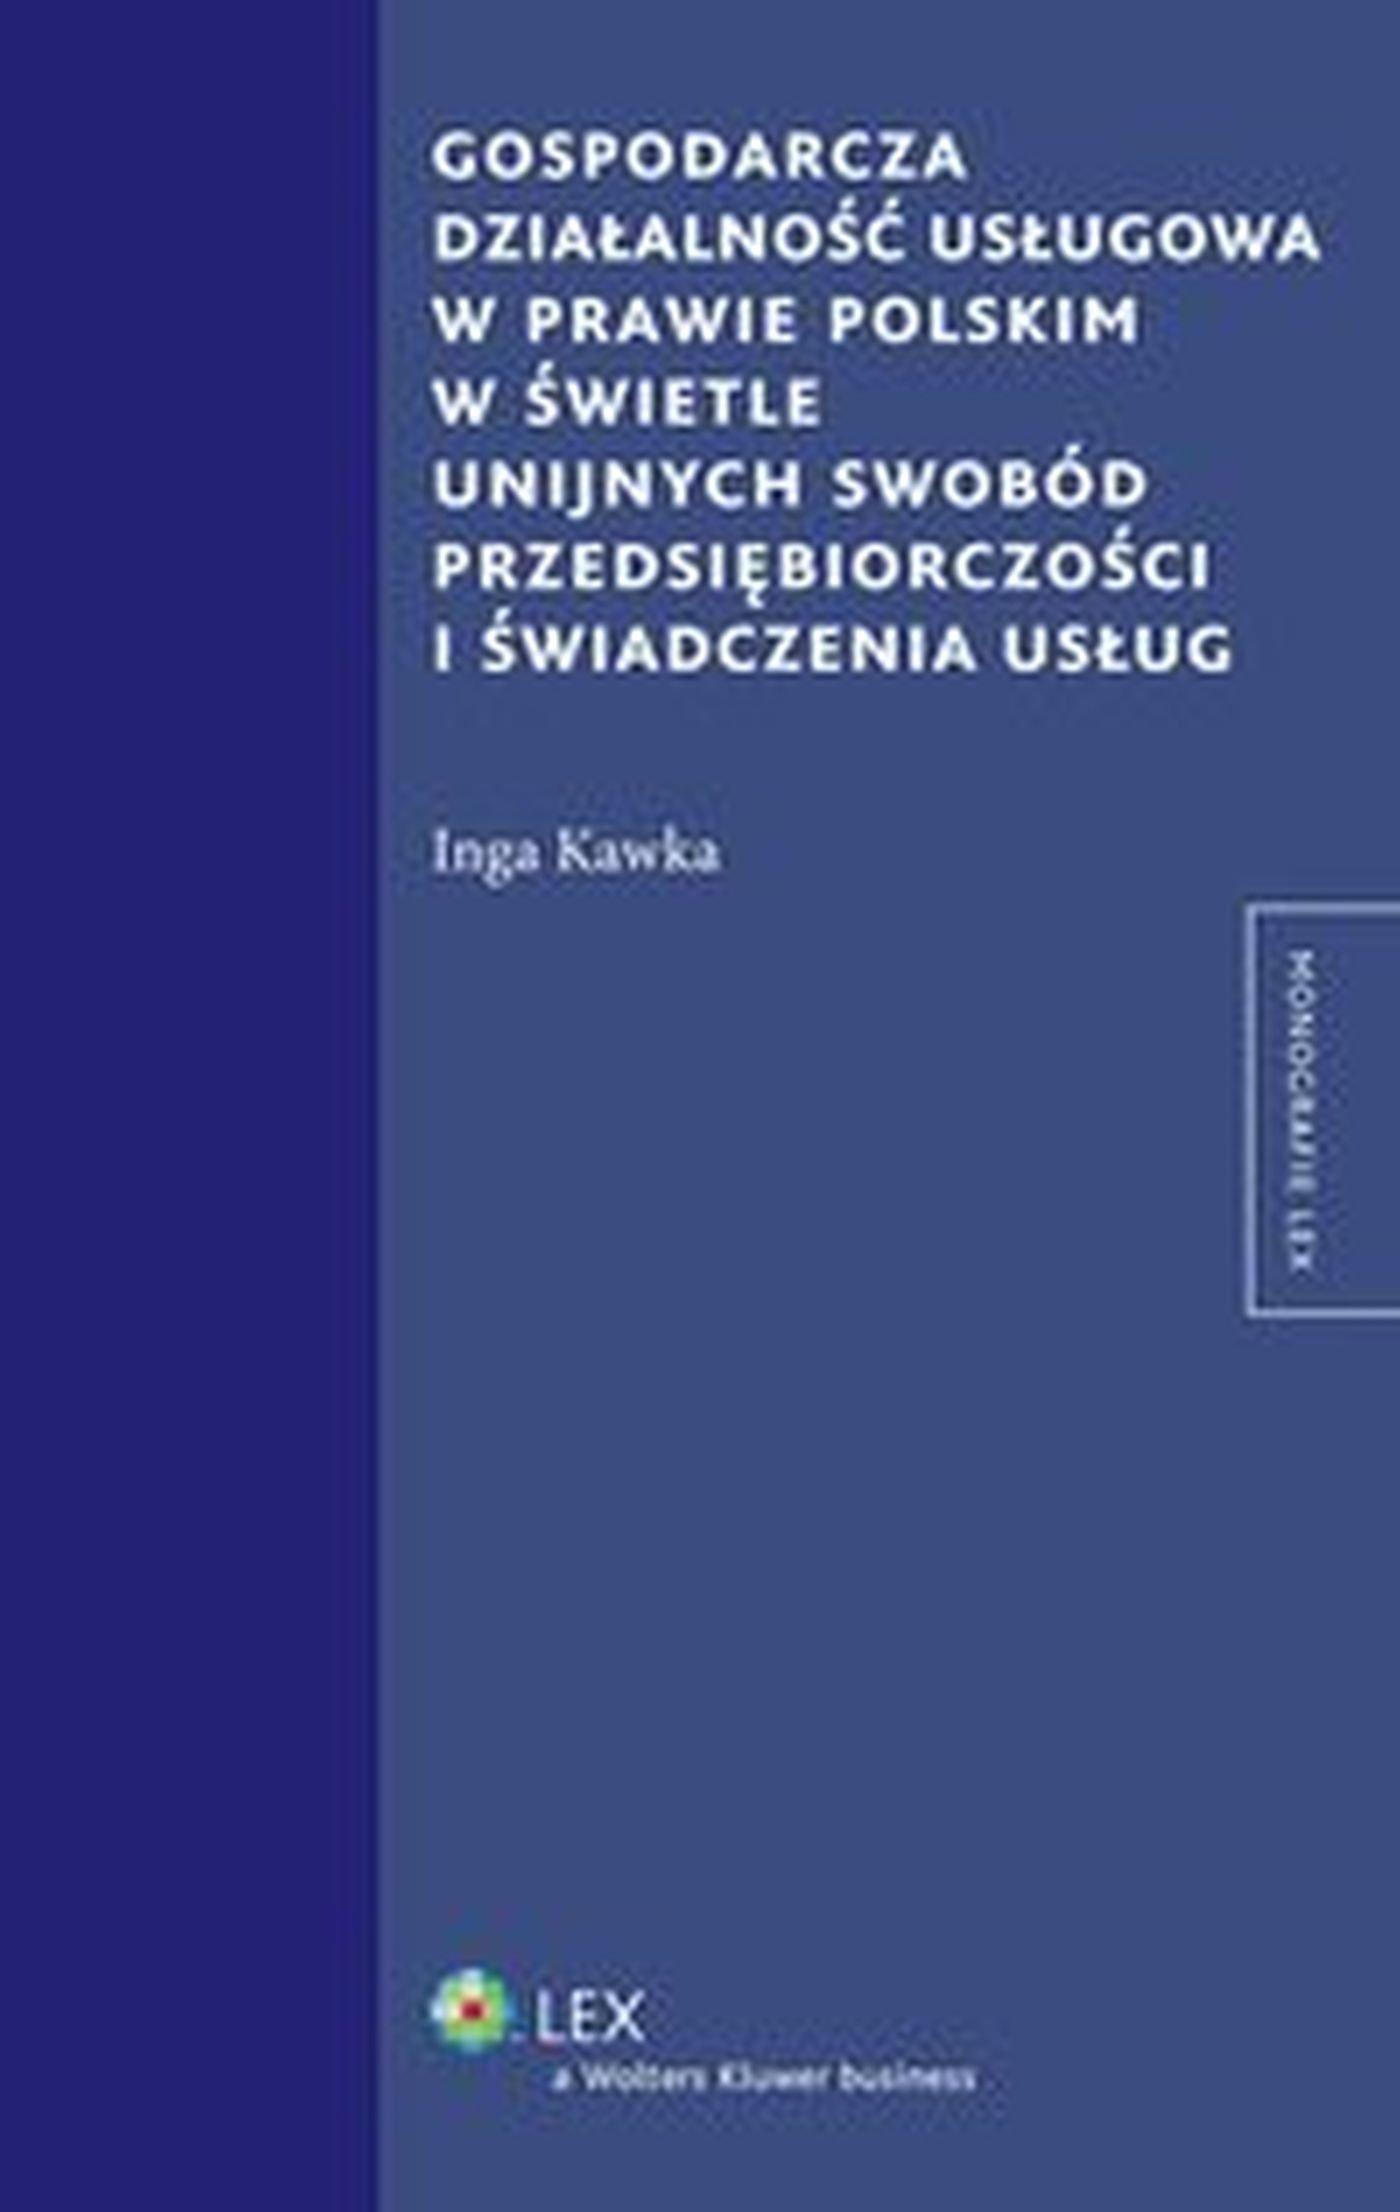 Gospodarcza działalność usługowa w prawie polskim w świetle unijnych swobód przedsiębiorczości i świadczenia usług - Ebook (Książka EPUB) do pobrania w formacie EPUB